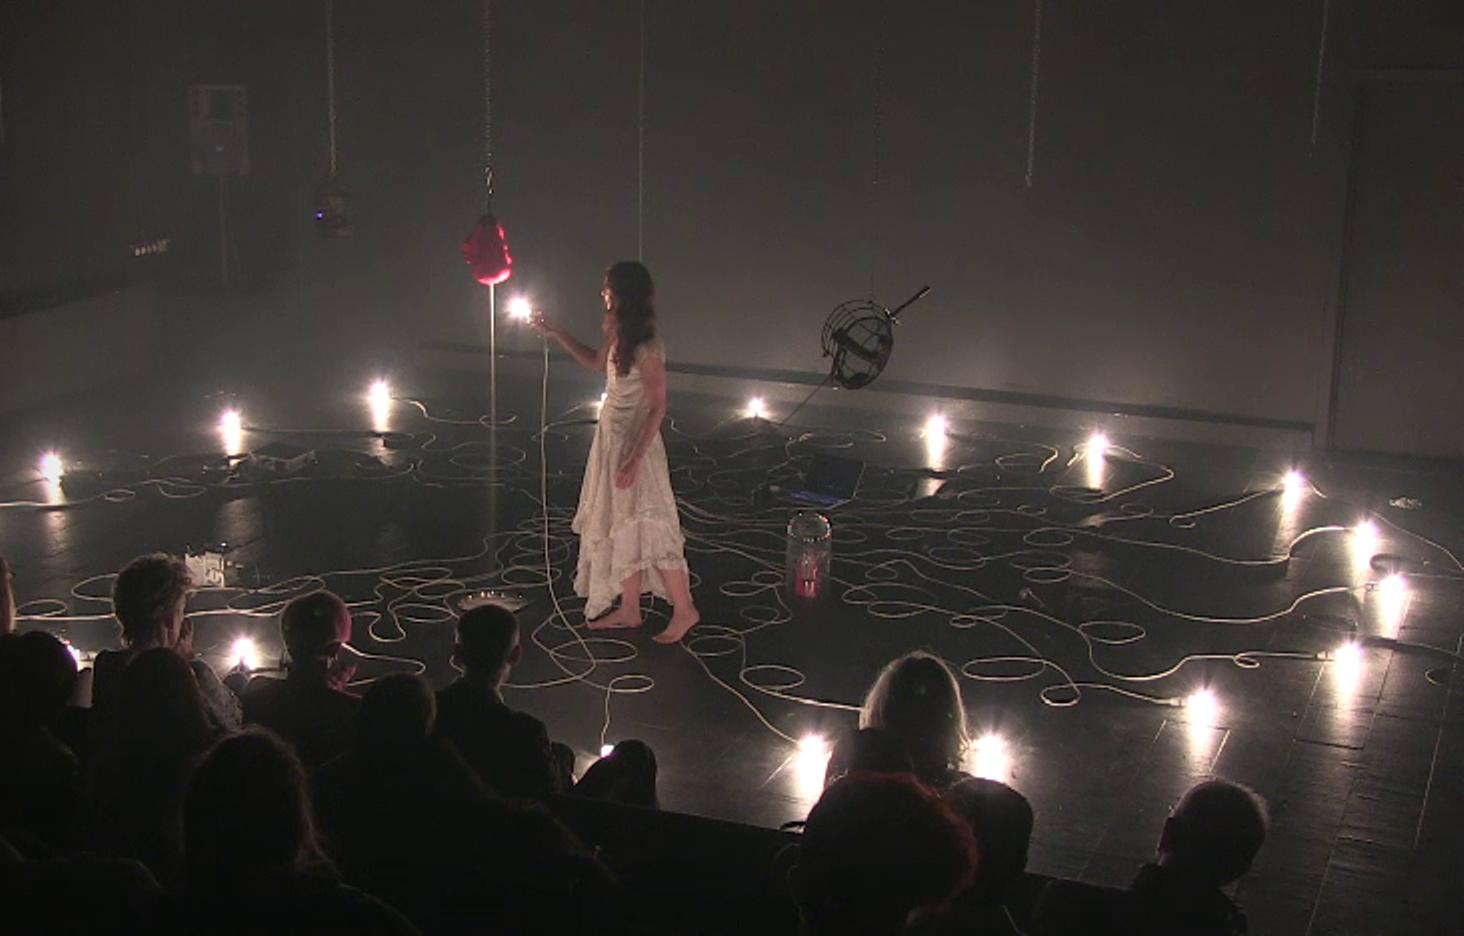 Natasha Davis Show: Internal Terrains, Chelsea Theatre, London 2013 (C1214/143)